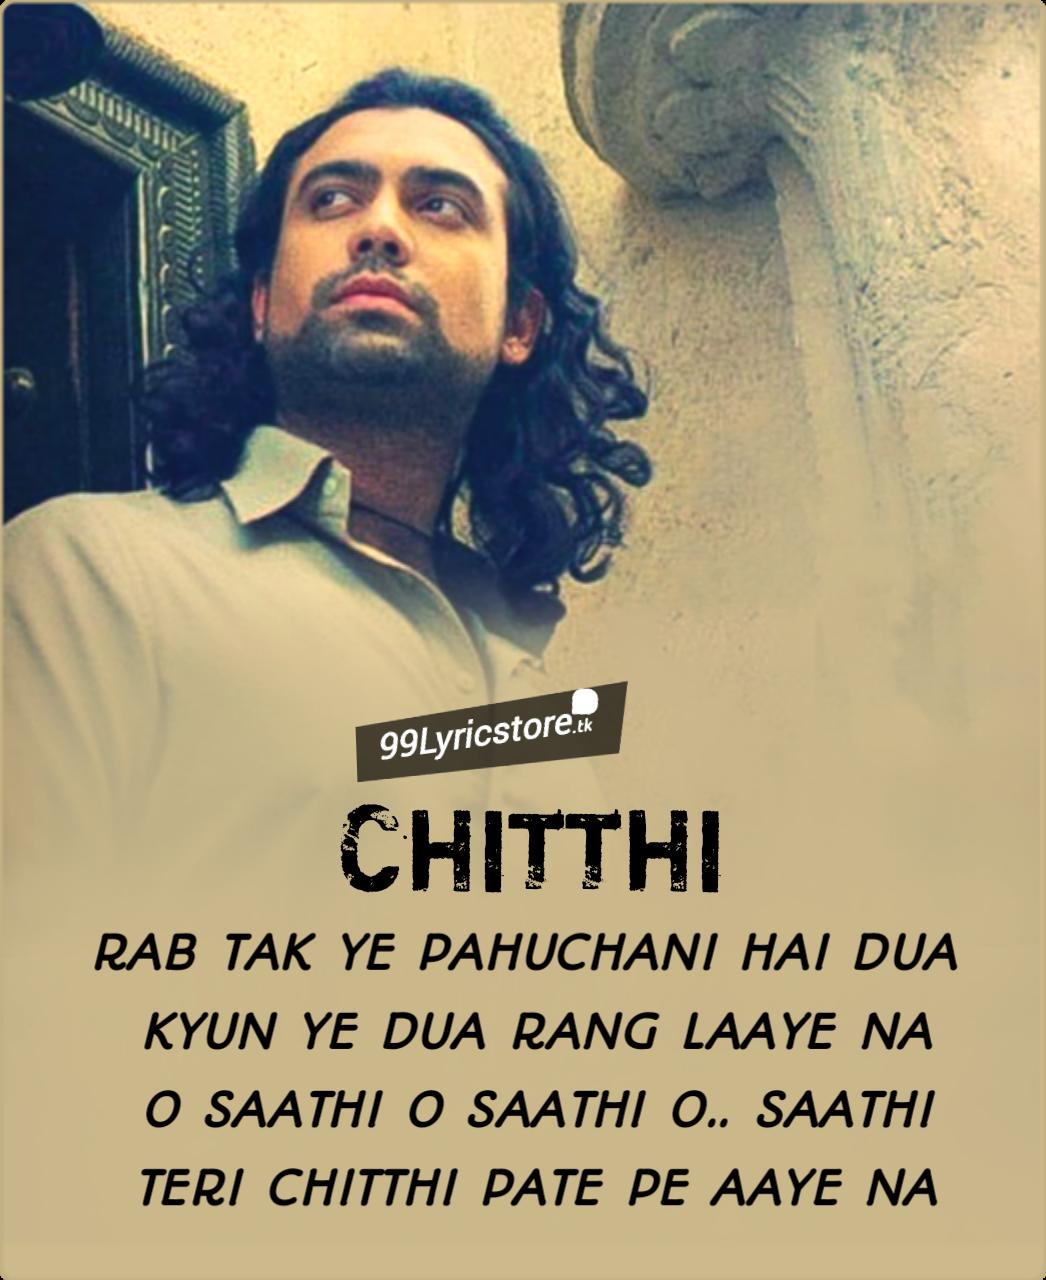 Chitthi Lyrics Jubin Nautiyal Lyrics Song Lyrics Songs